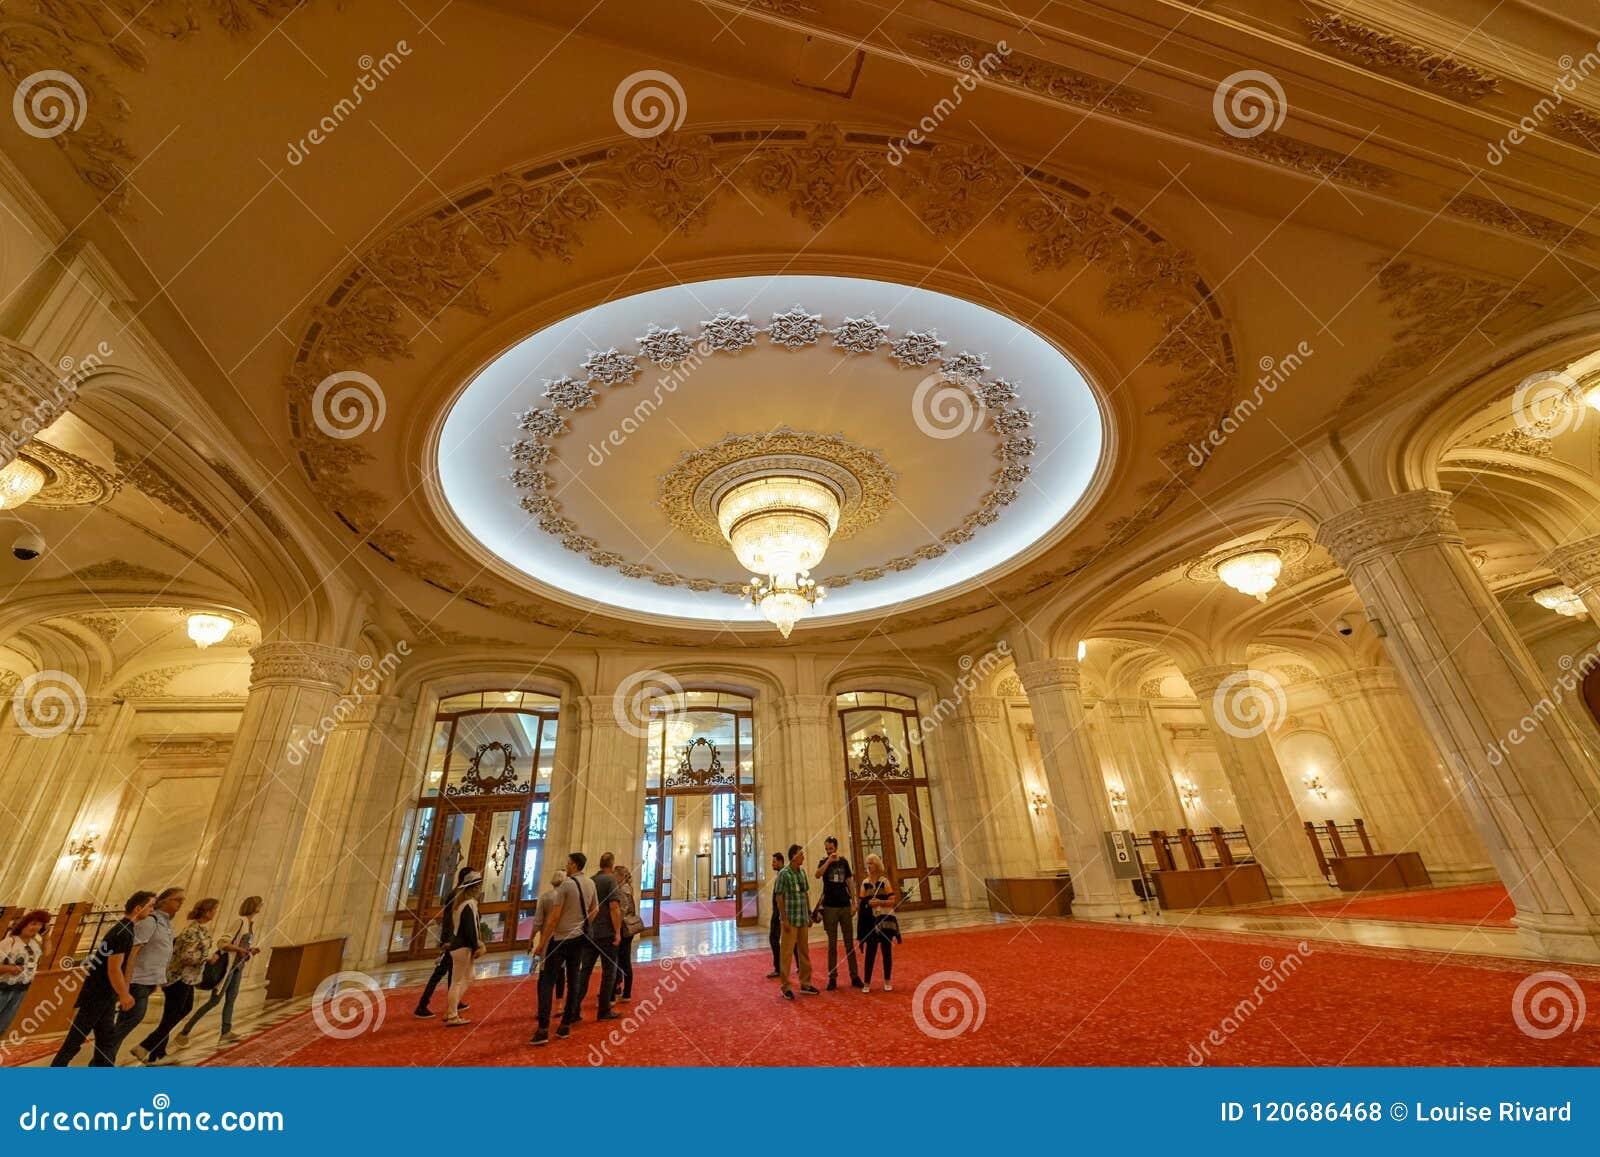 豪华装饰和大理石齐奥塞斯库宫殿的